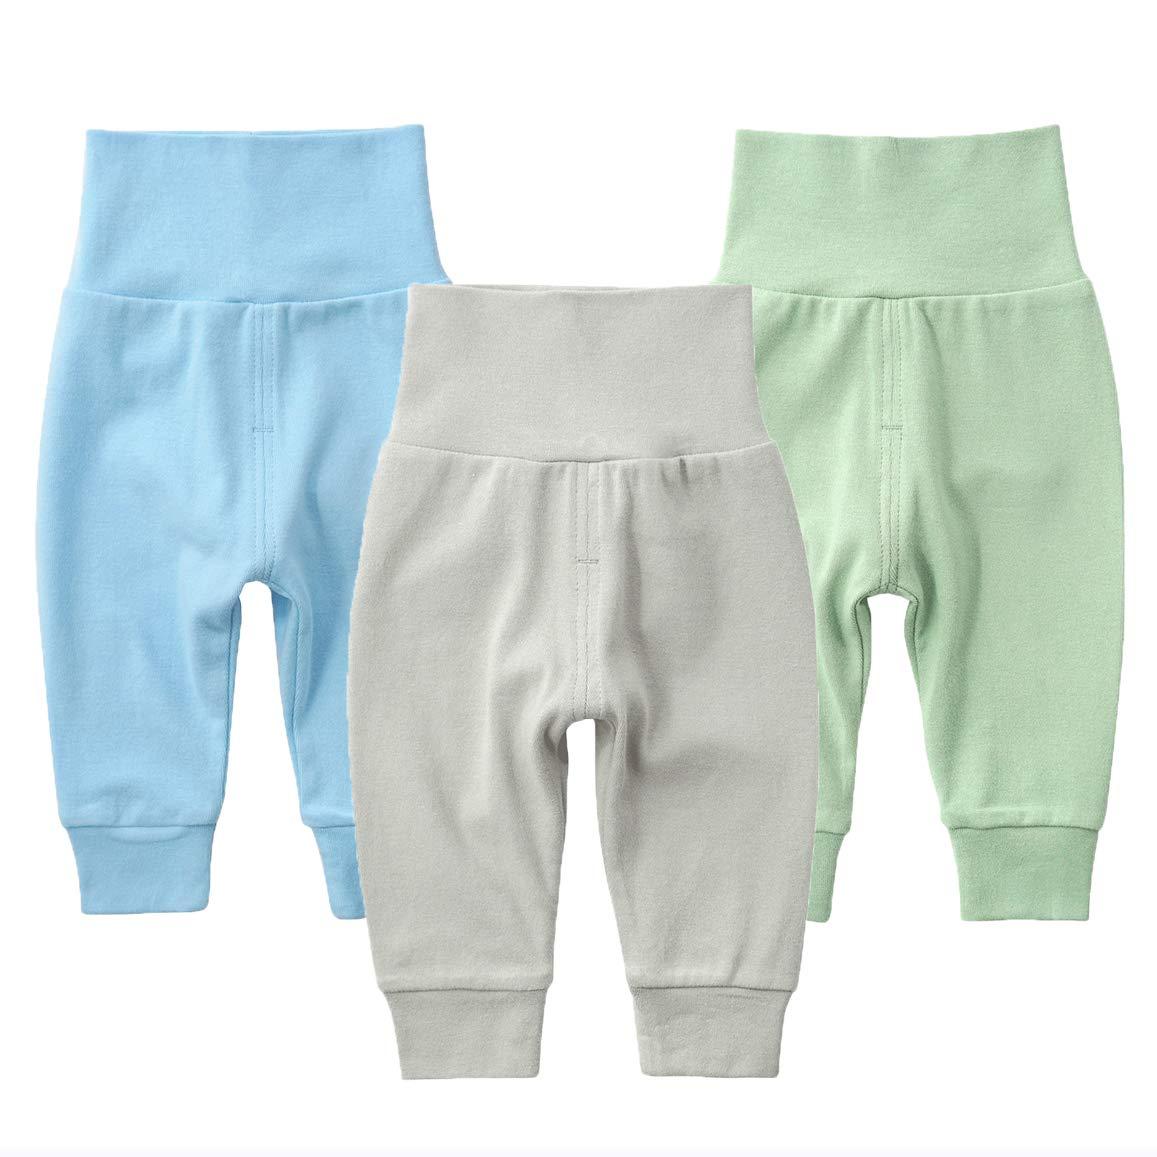 SYCLZ Baby 3-Pack Cotton High Waist Pants Soild Color Casual Leggings 0-24M